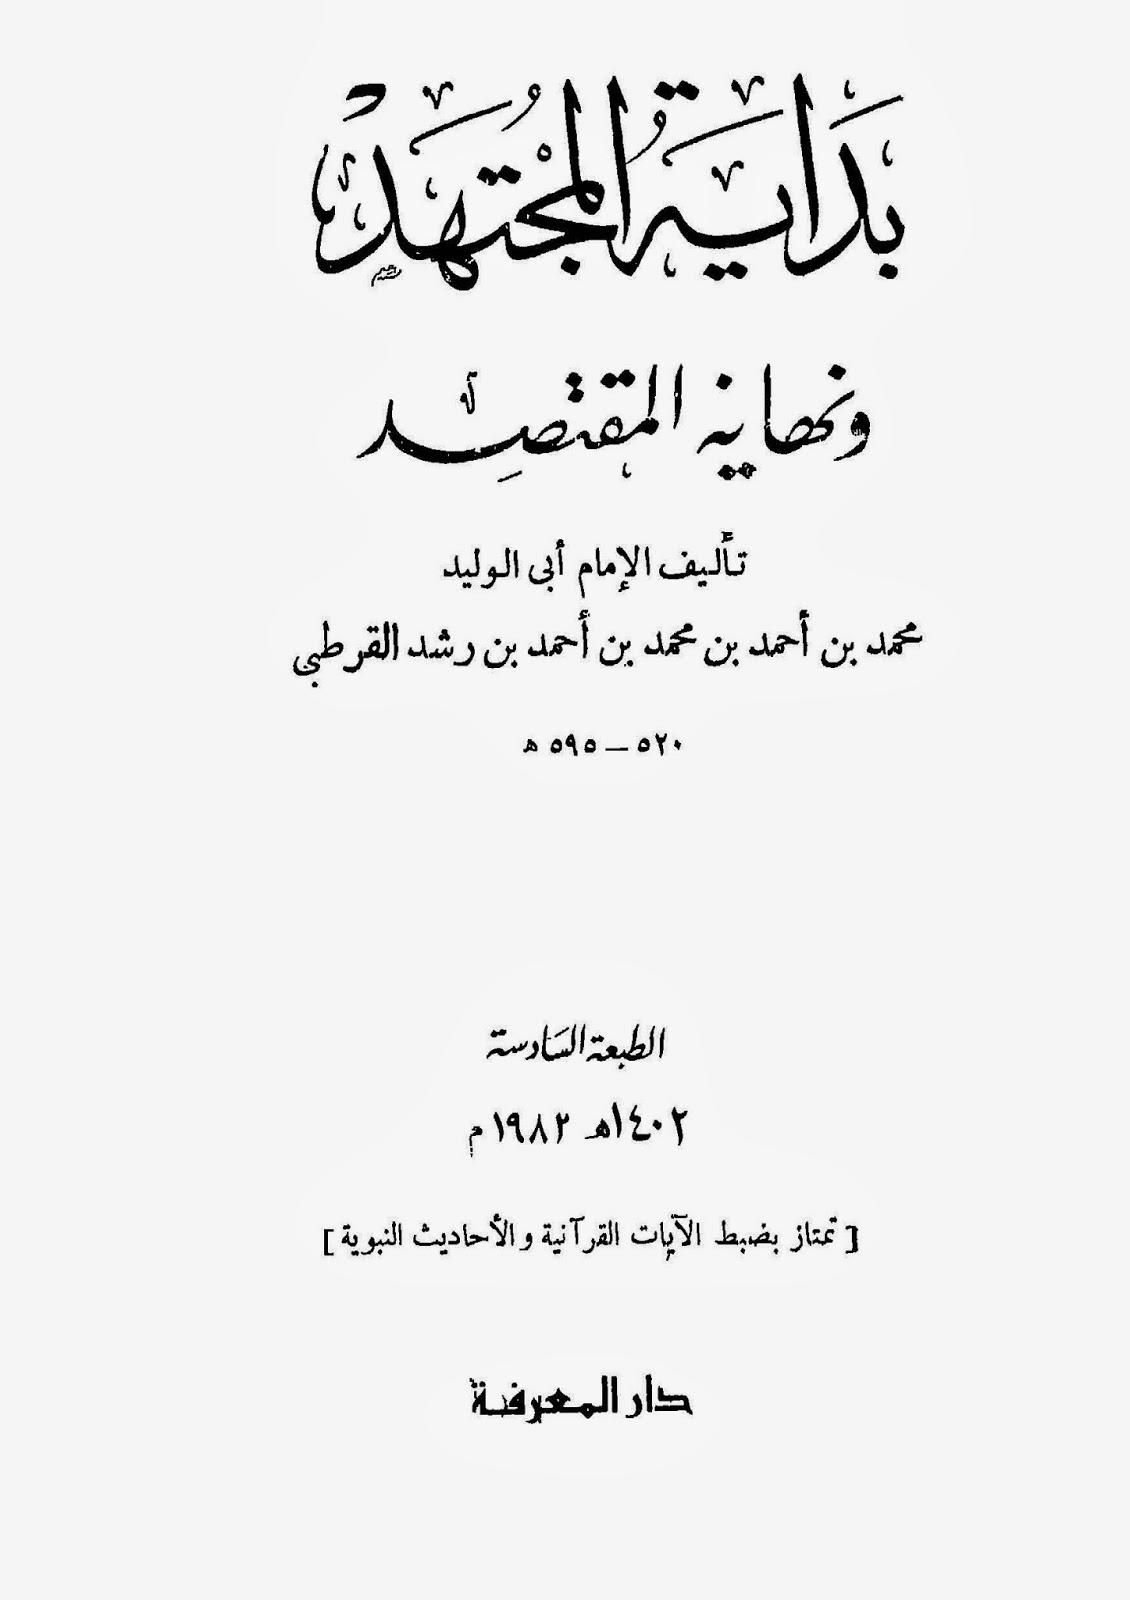 بداية المجتهد ونهاية المقتصد - لأبي الوليد بن رشد ( ط. دار المعرفة 1982 ) pdf